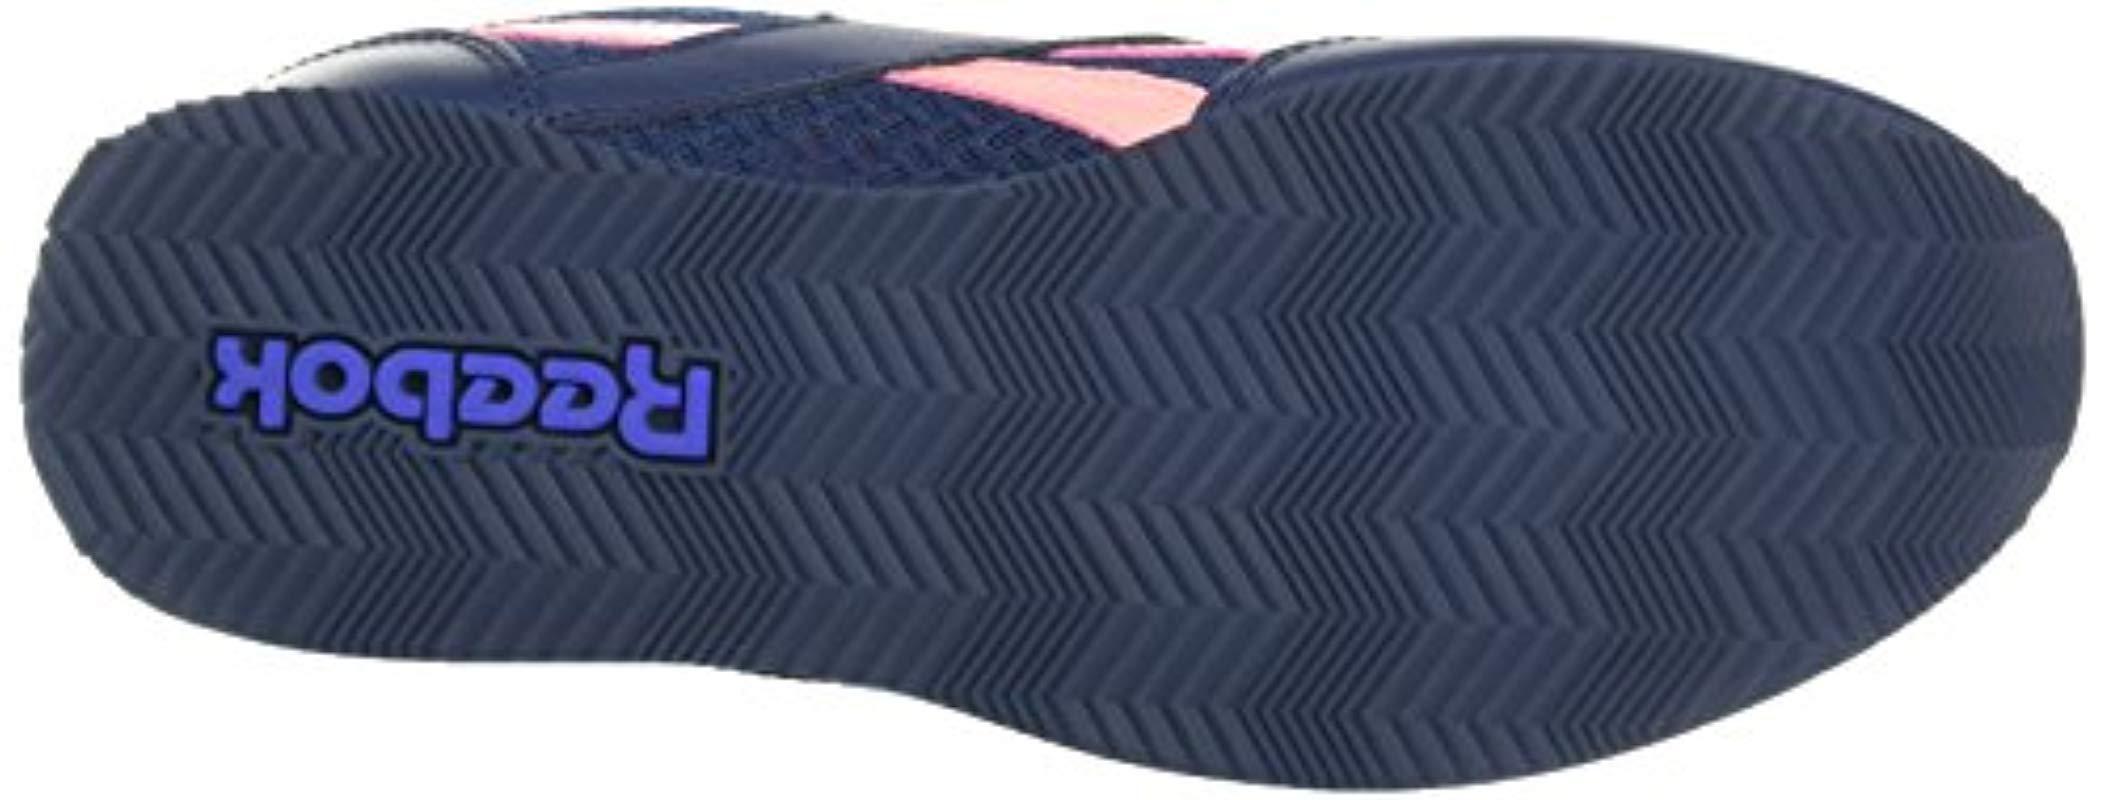 Royal Classic Jogger 2 Reebok de color Azul